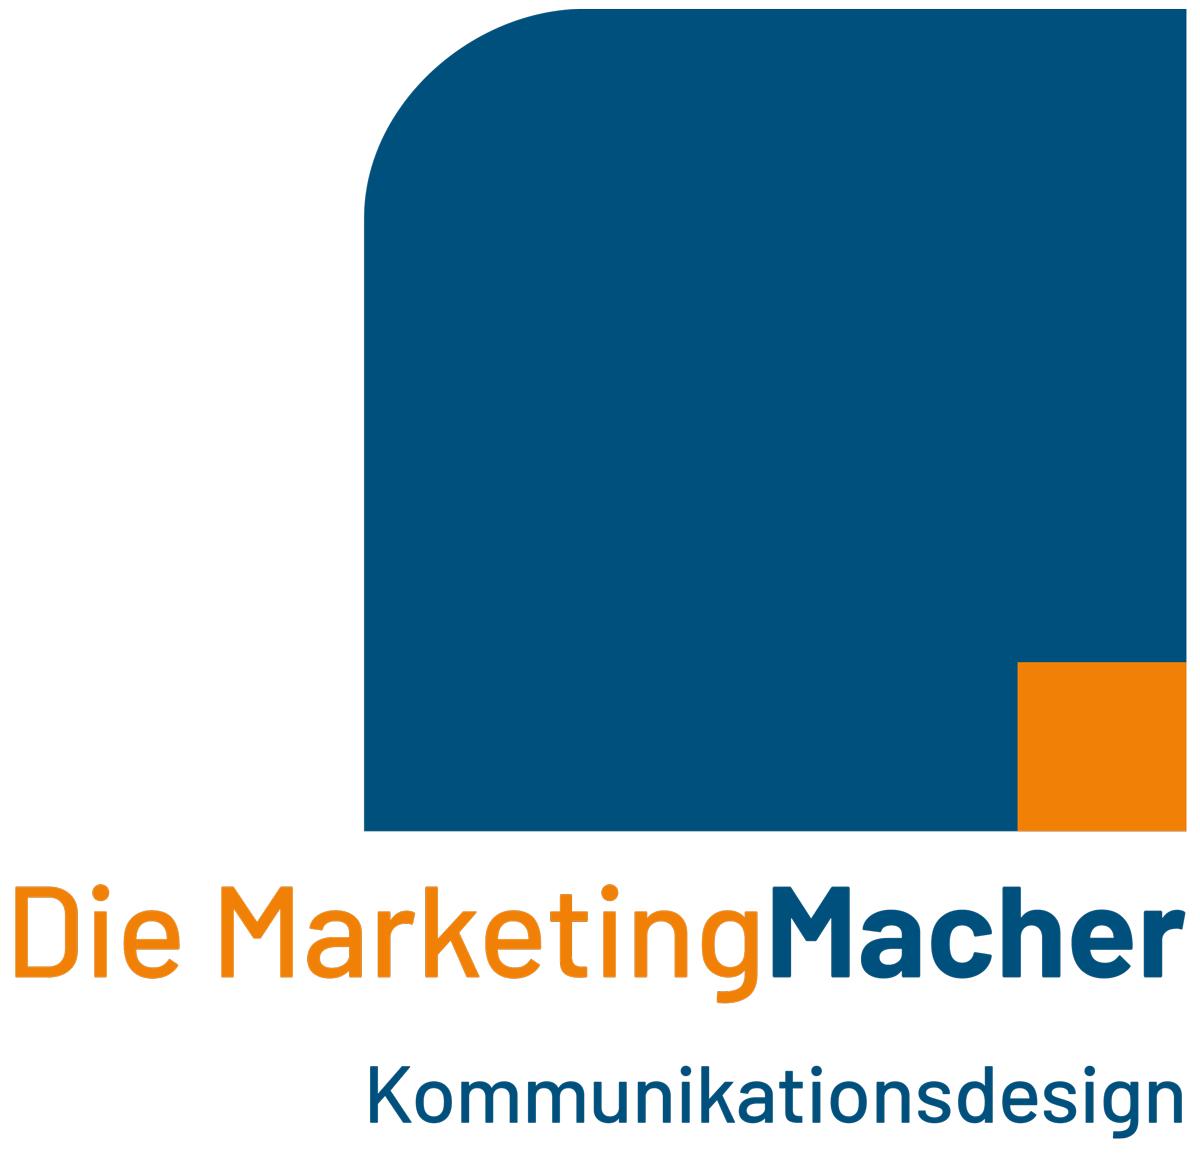 Die MarketingMacher